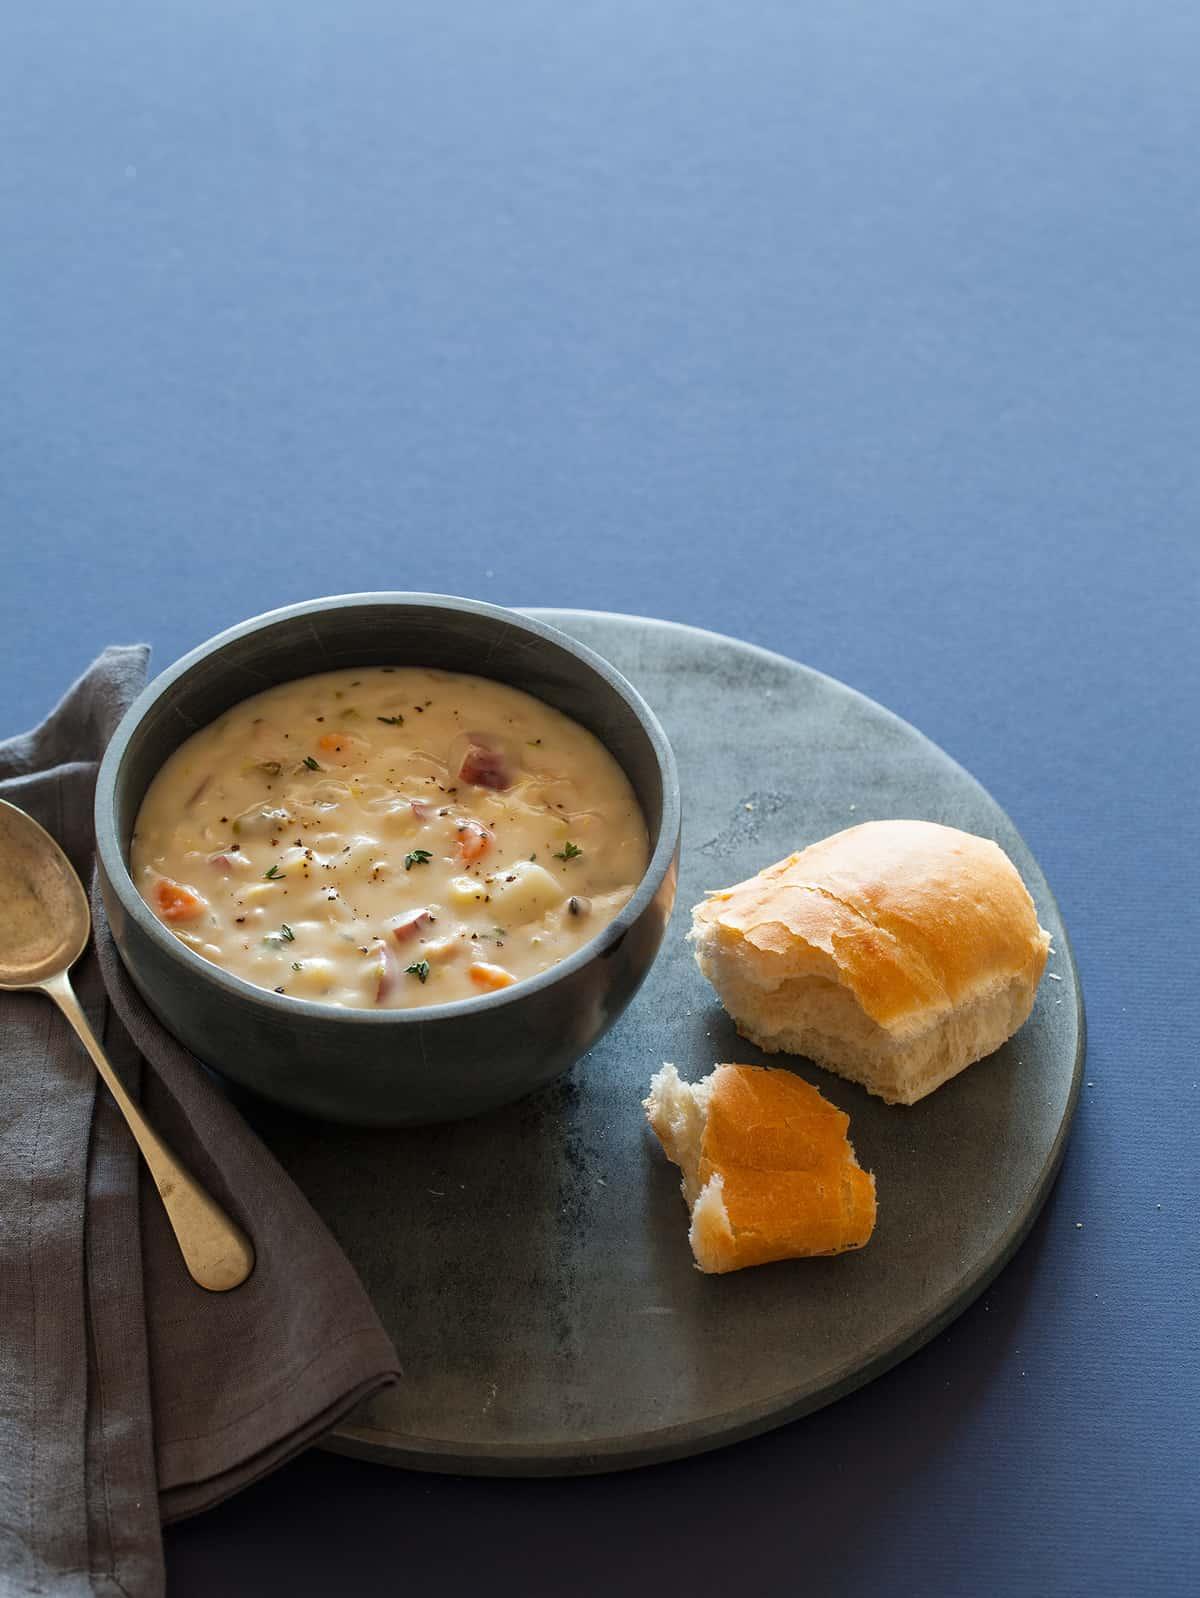 New England Clam Chowder recipe.